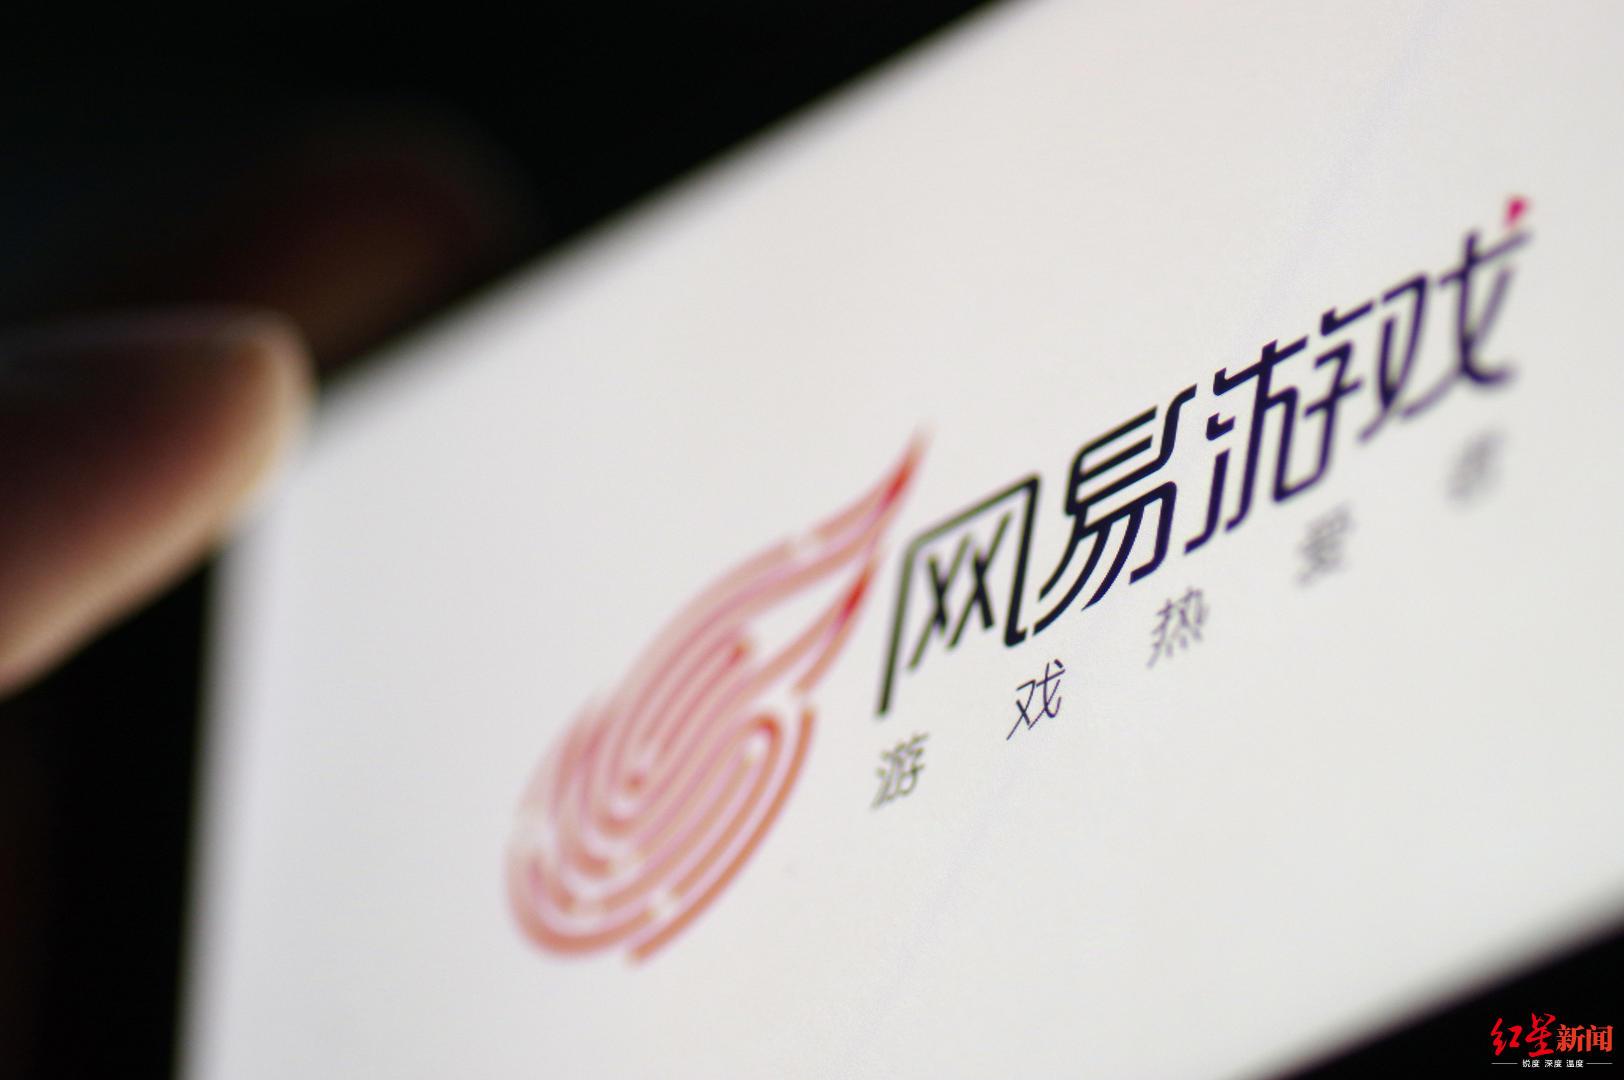 凯旋门国际网站-利通电子12月13日盘中涨停